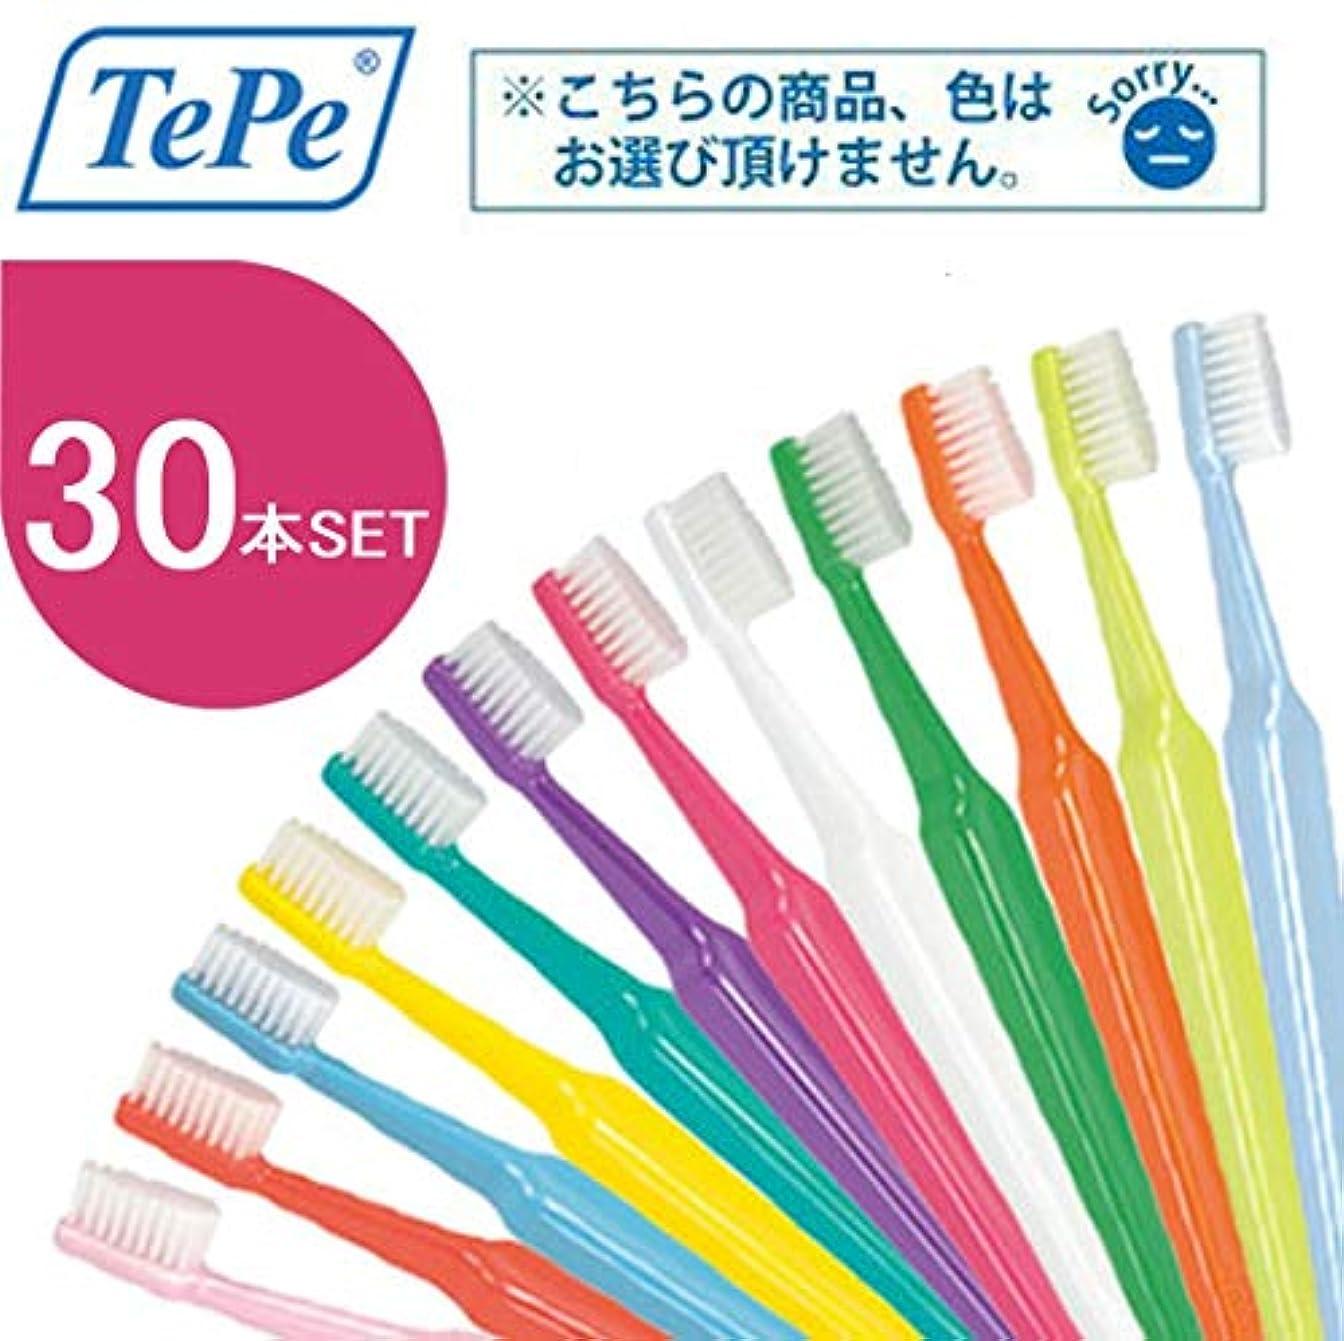 性別思春期グループクロスフィールド TePe テペ セレクト 歯ブラシ 30本 (エクストラソフト)